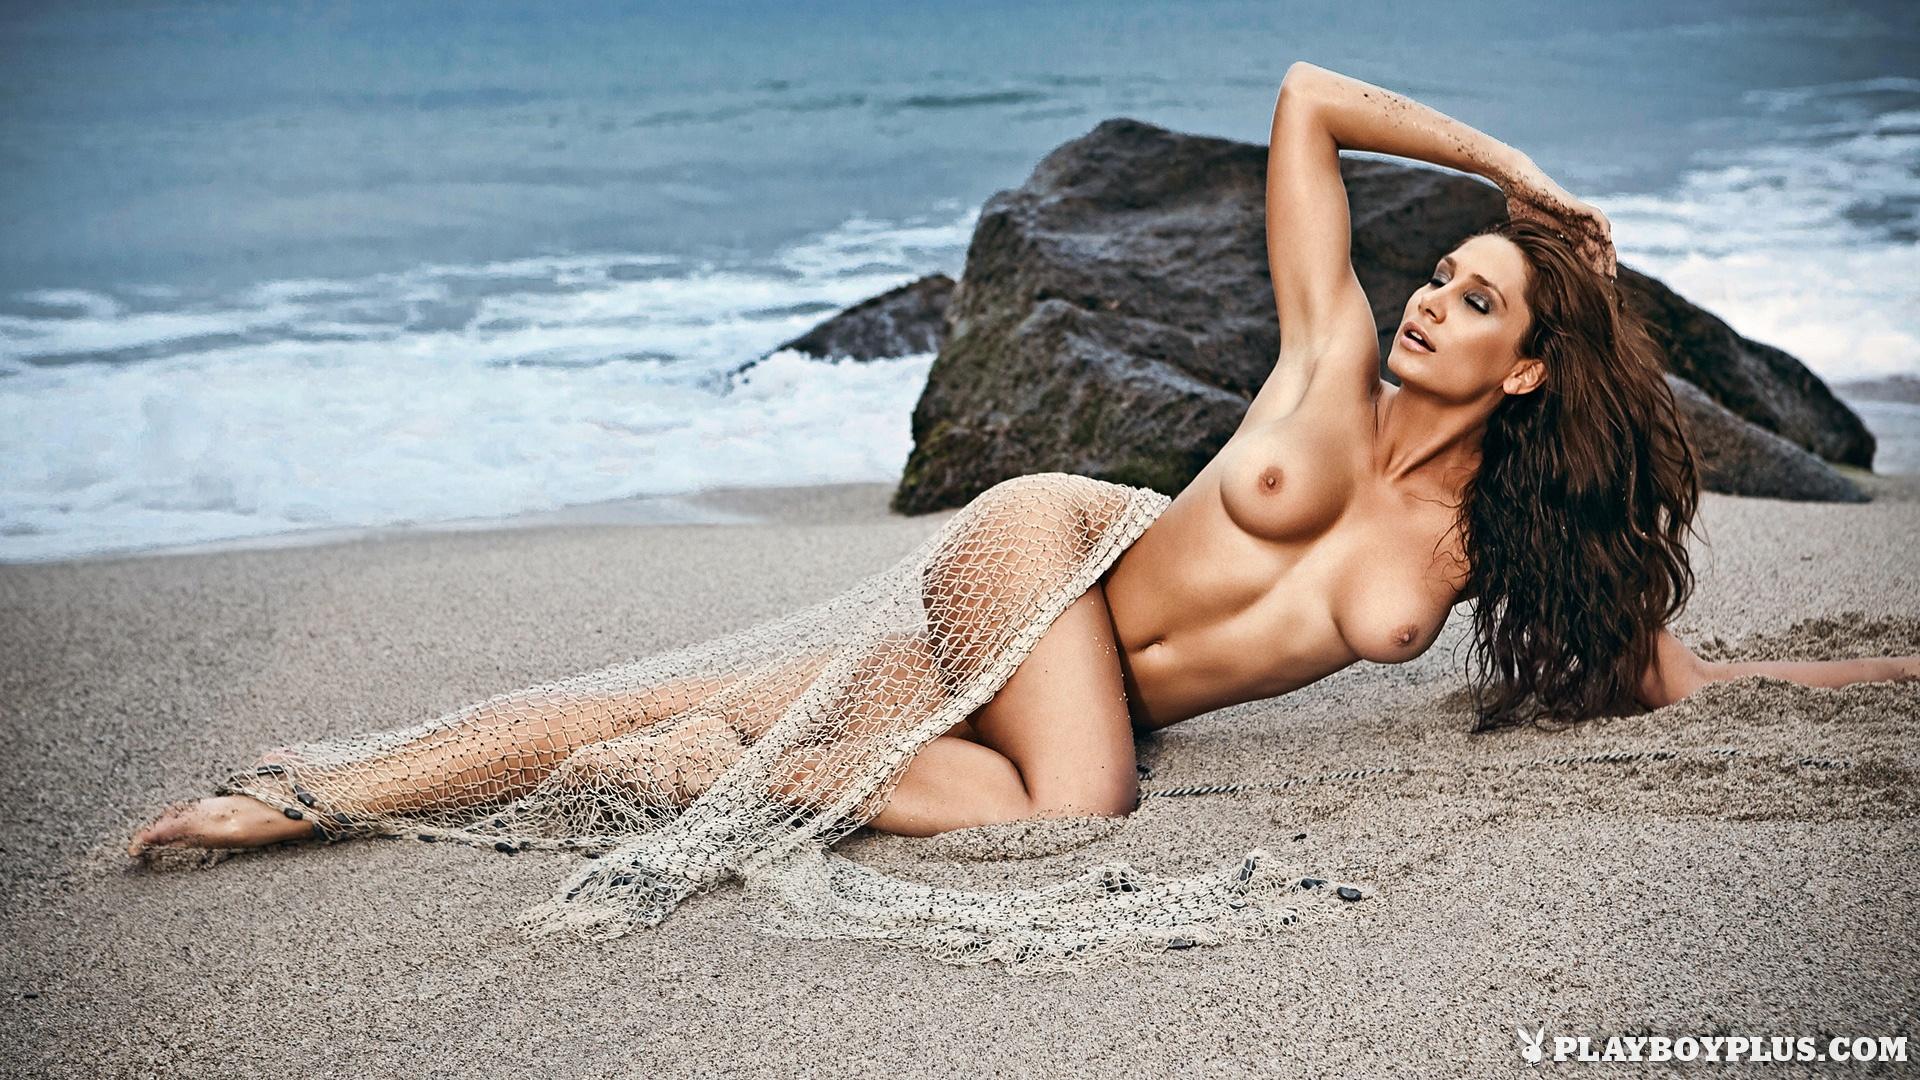 Hot string bikini babes